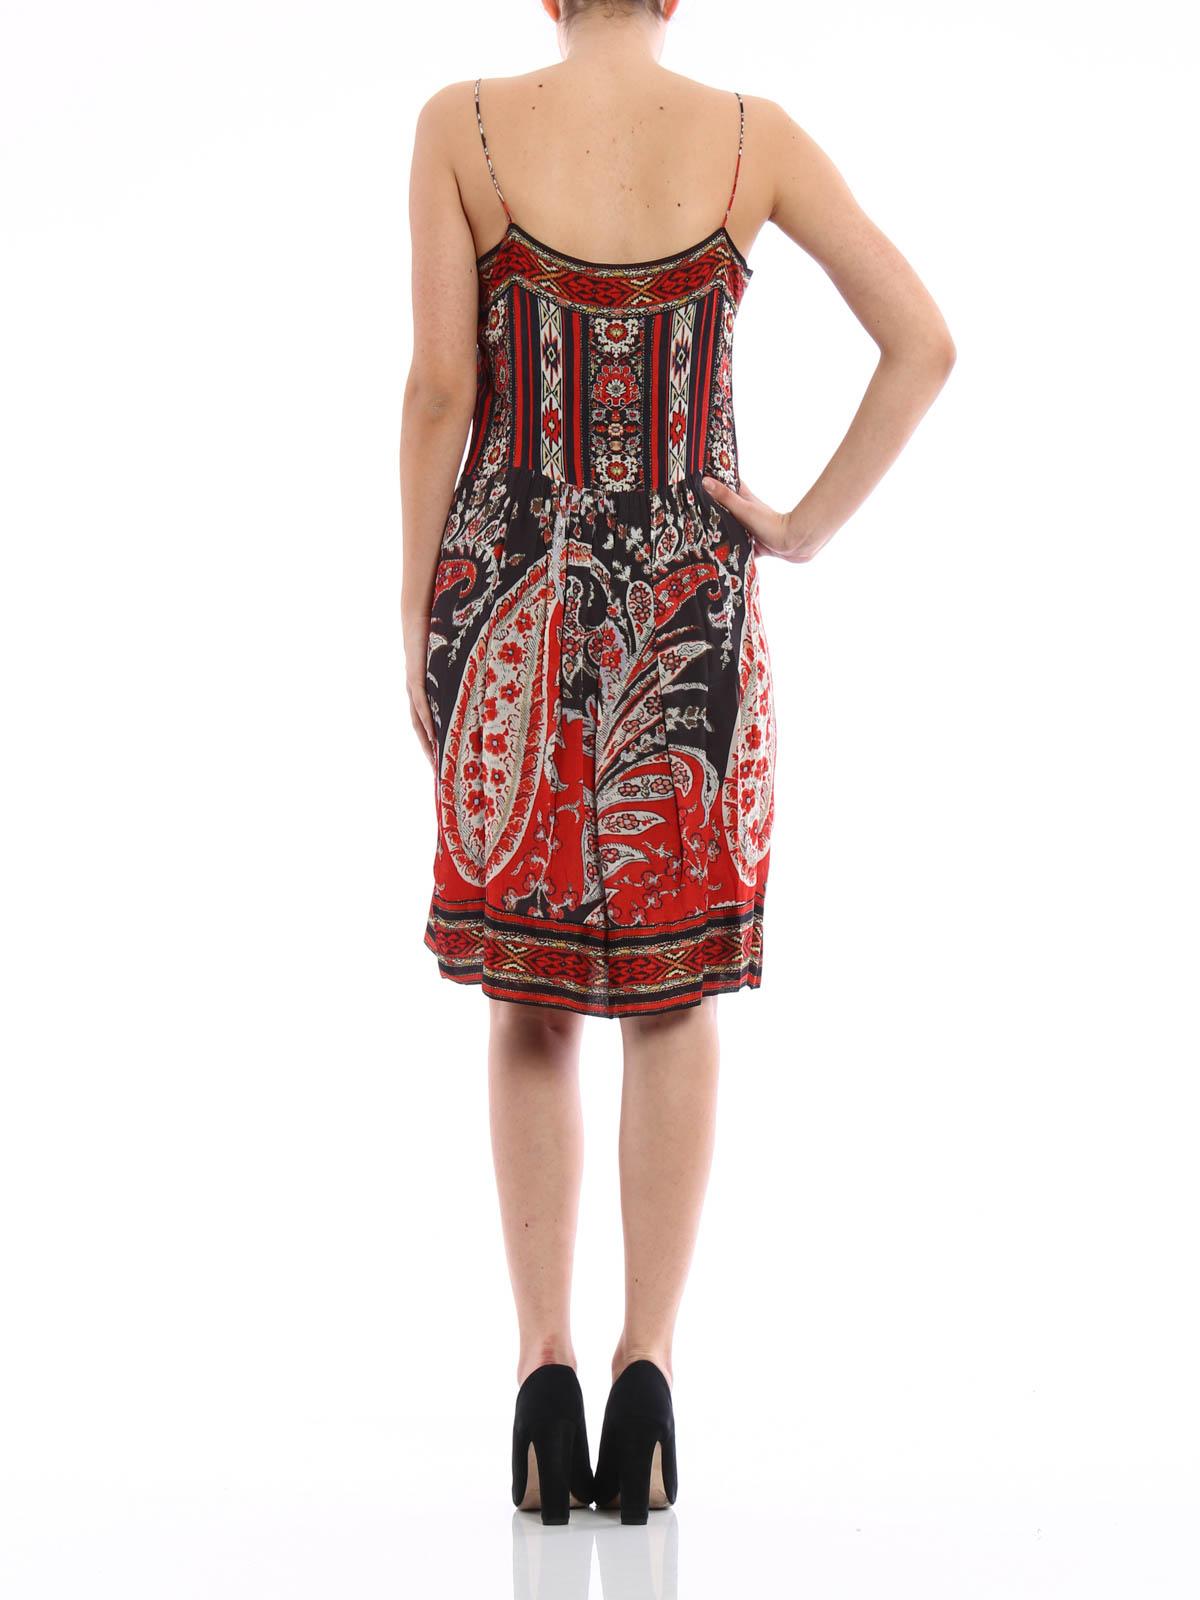 Trani dress shop online: isabel marant etoile